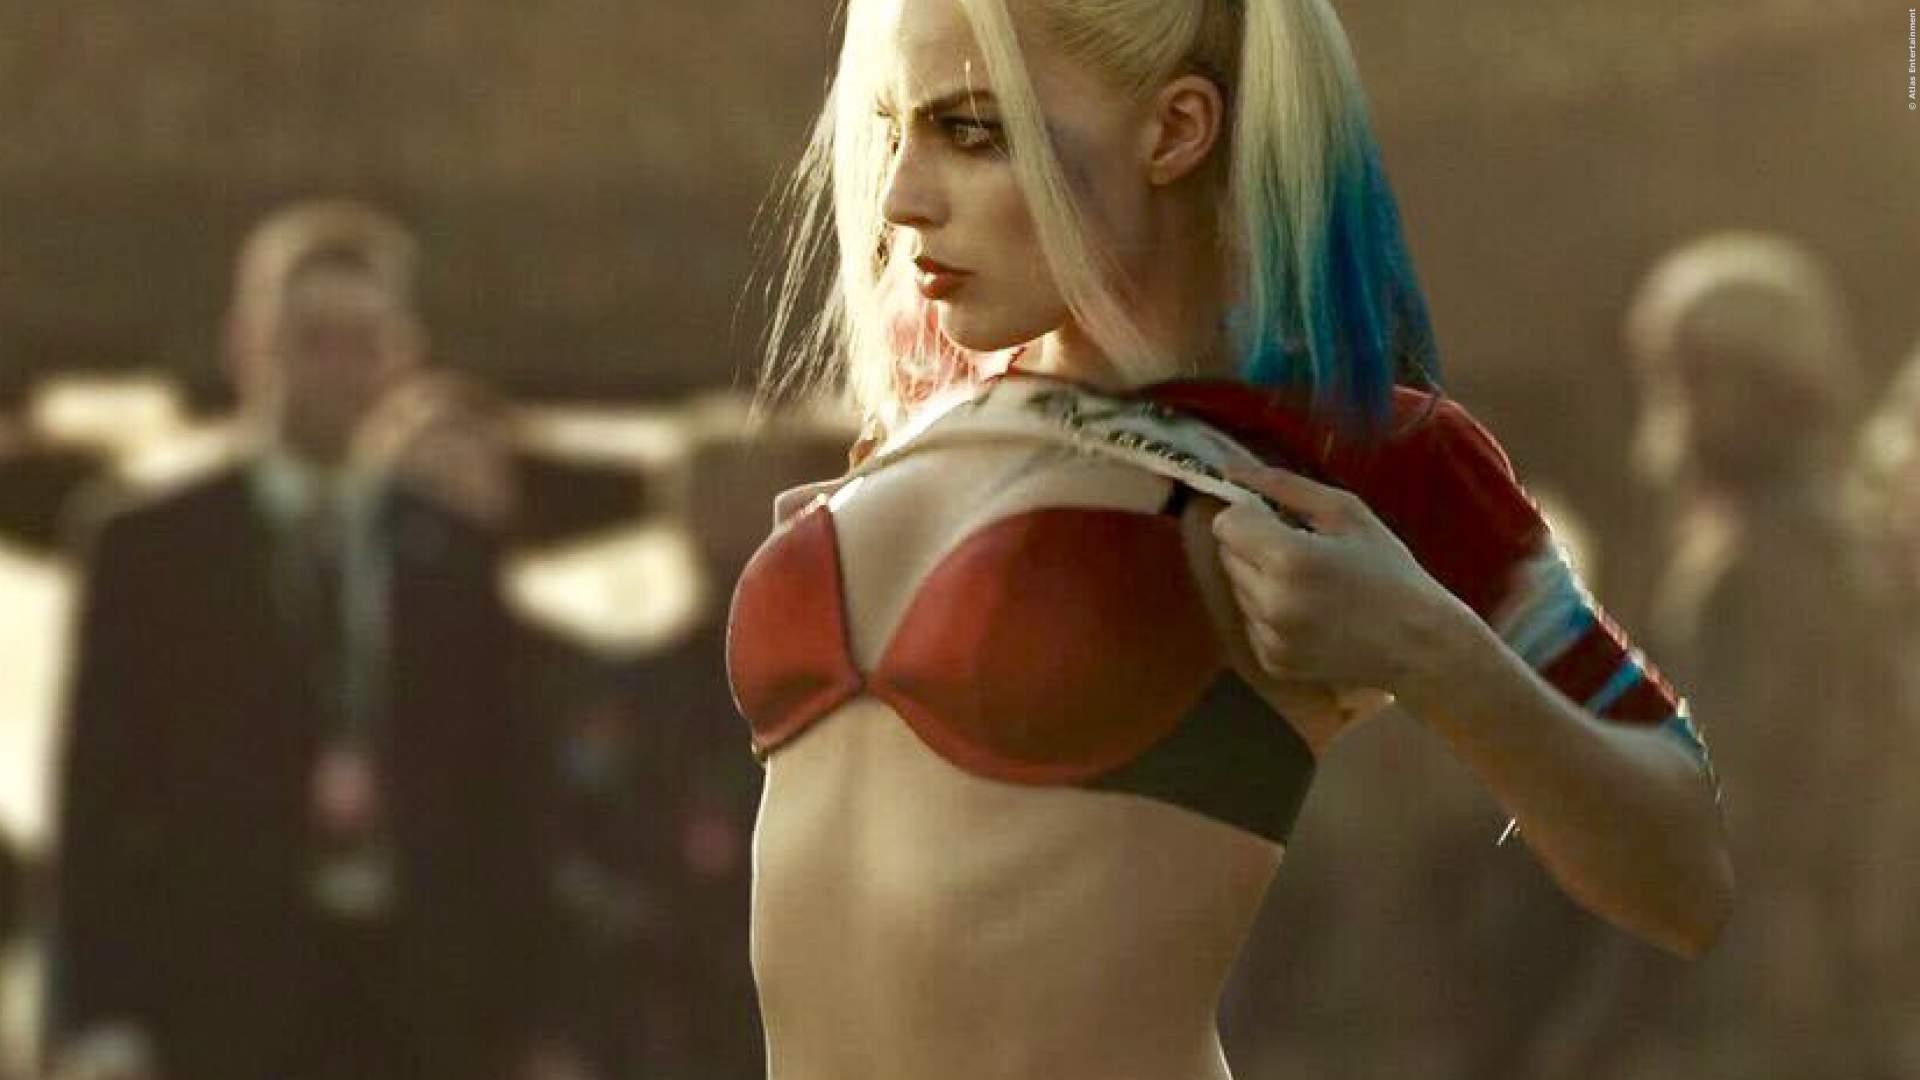 Margot Robbie aus Suicide Squad - Ihre heißesten Rollen - Bild 1 von 14